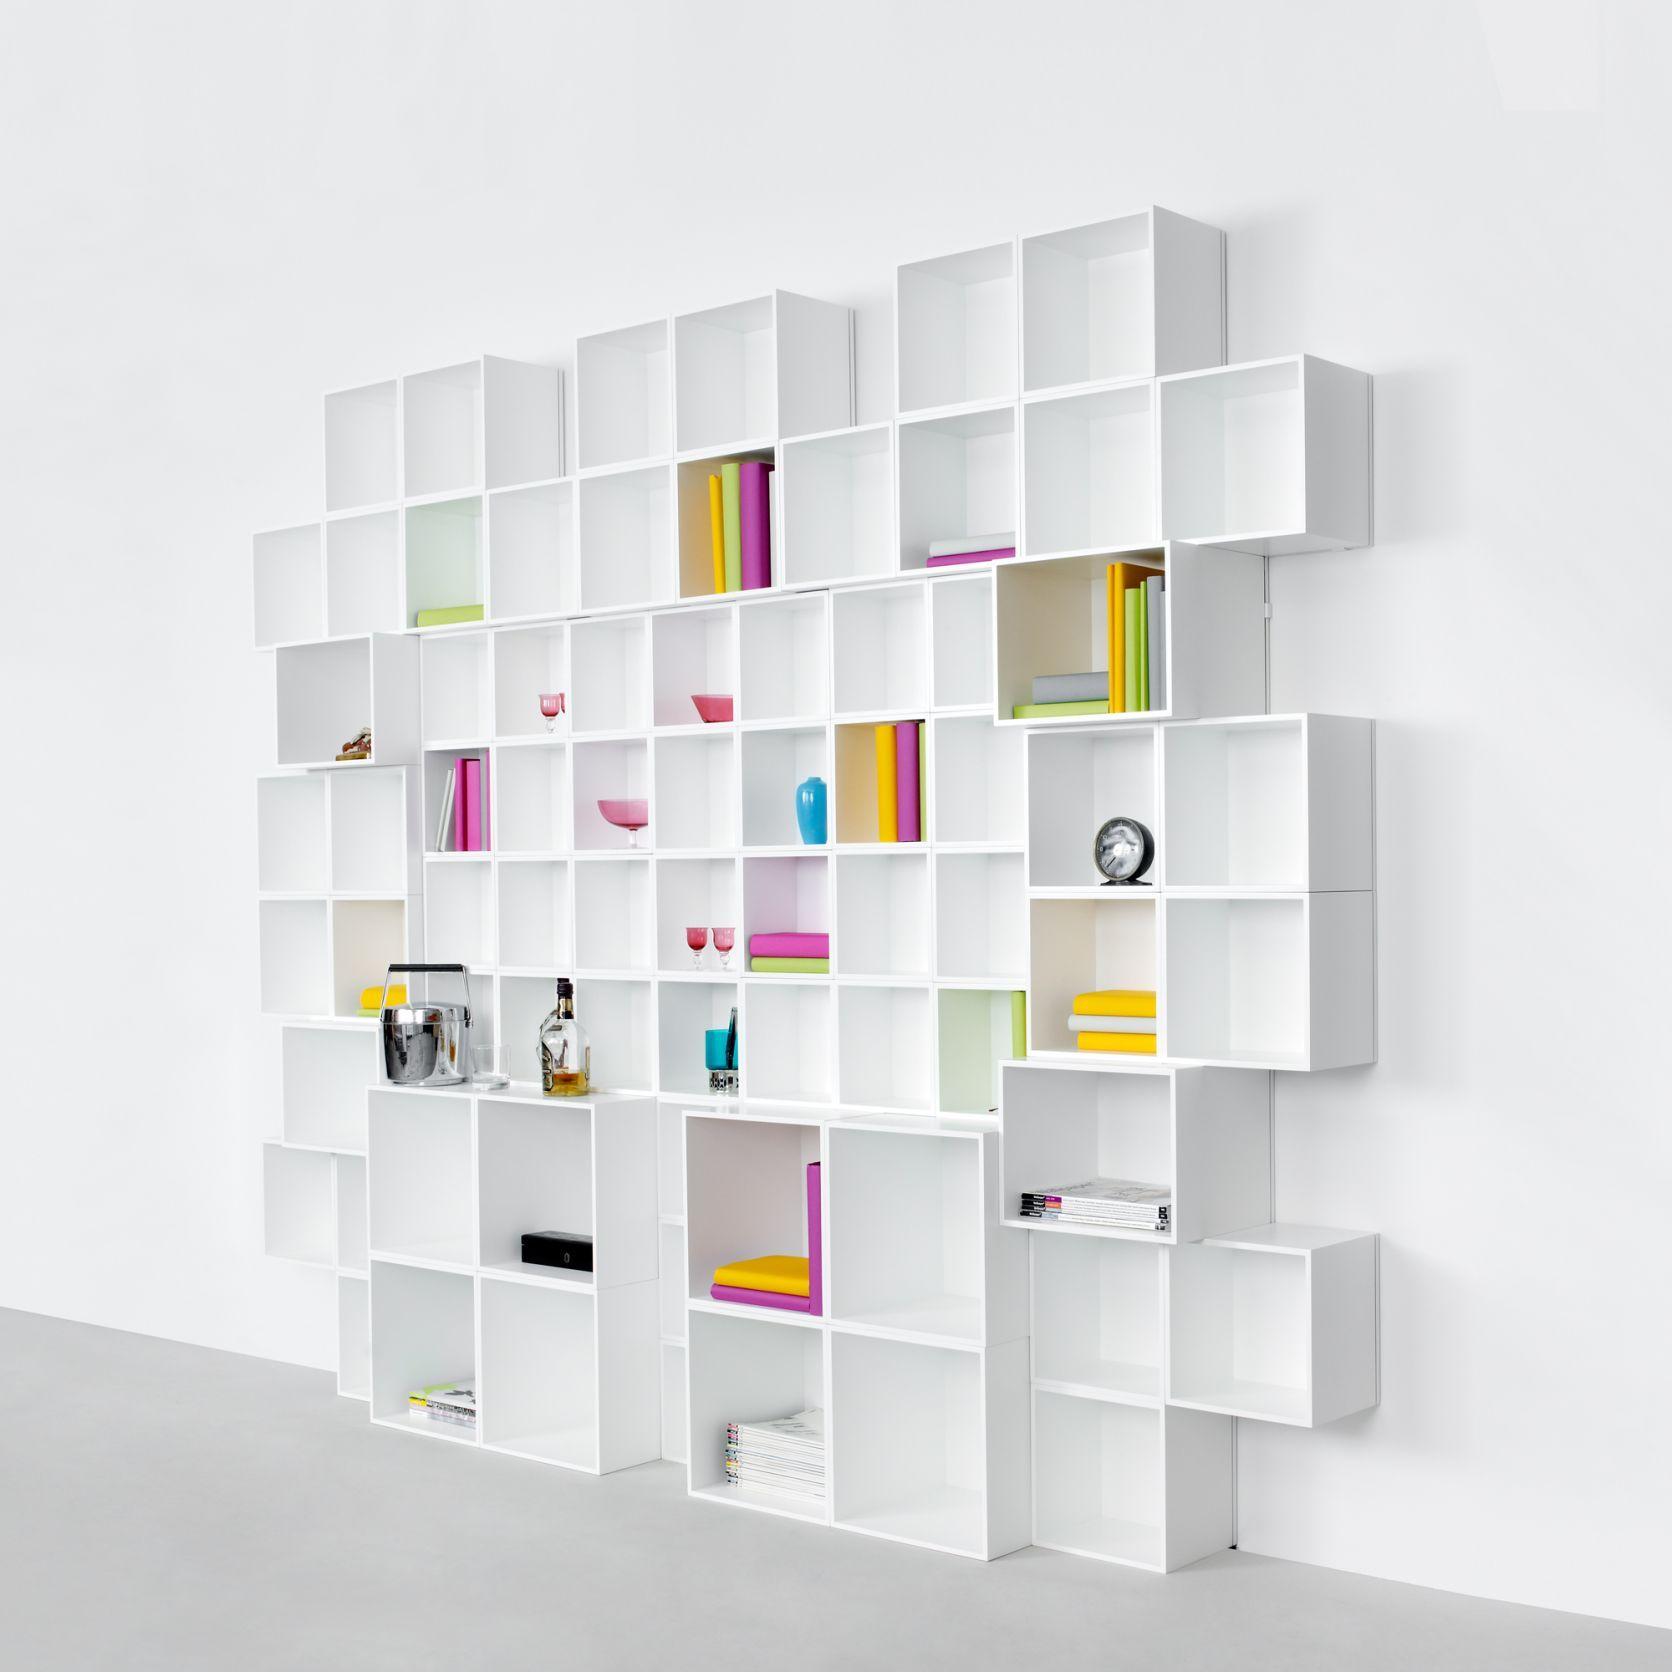 Etagere Et Bibliotheque Modulable Avec Cubes De Rangement Etageres Modulables Cube Rangement Rangement Modulaire